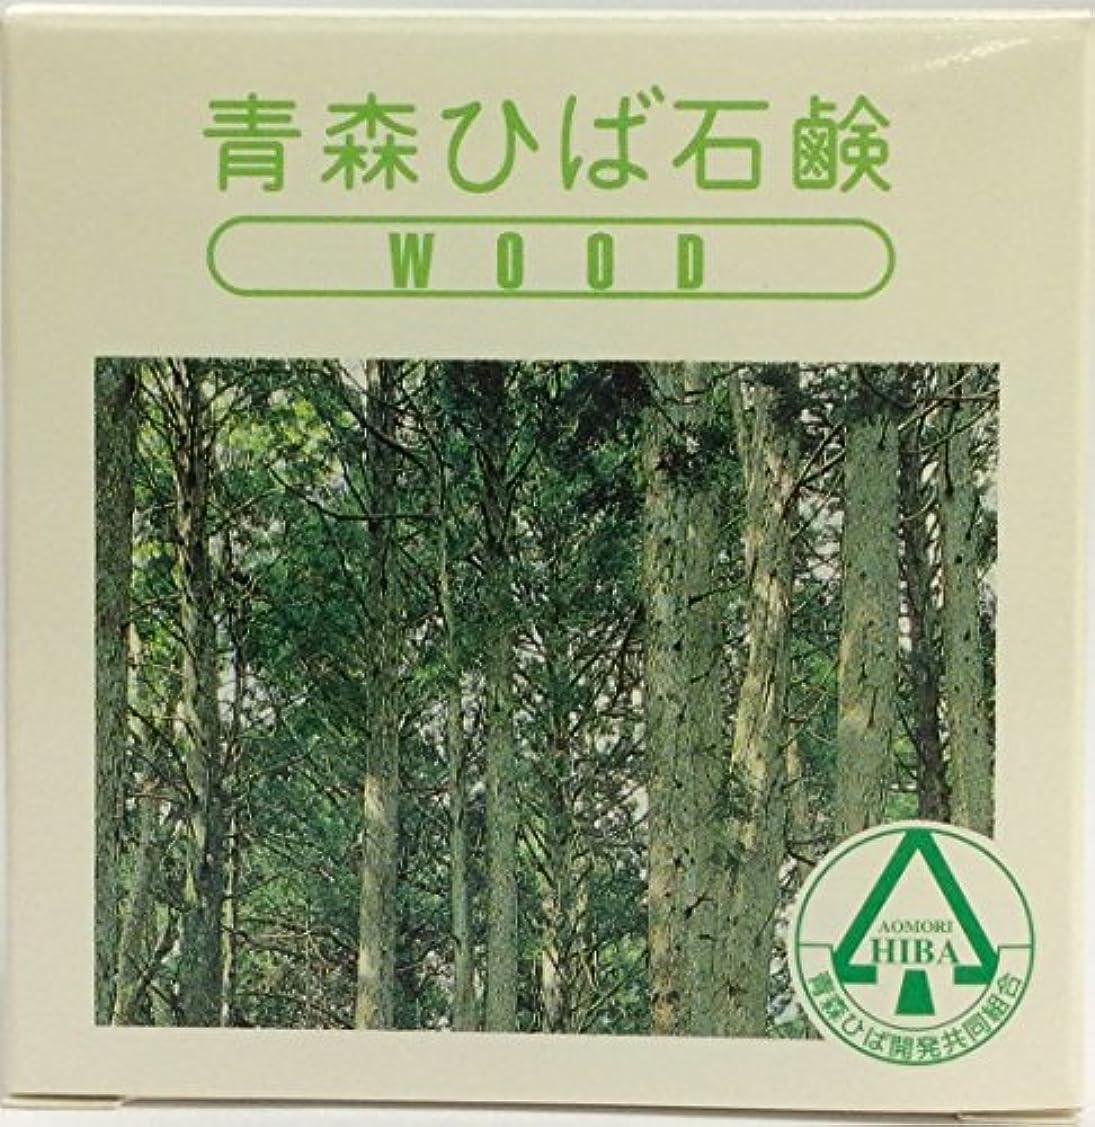 無傷加入権限を与える青森ひば石鹸 WOOD 95g クラウンウッド(Y)